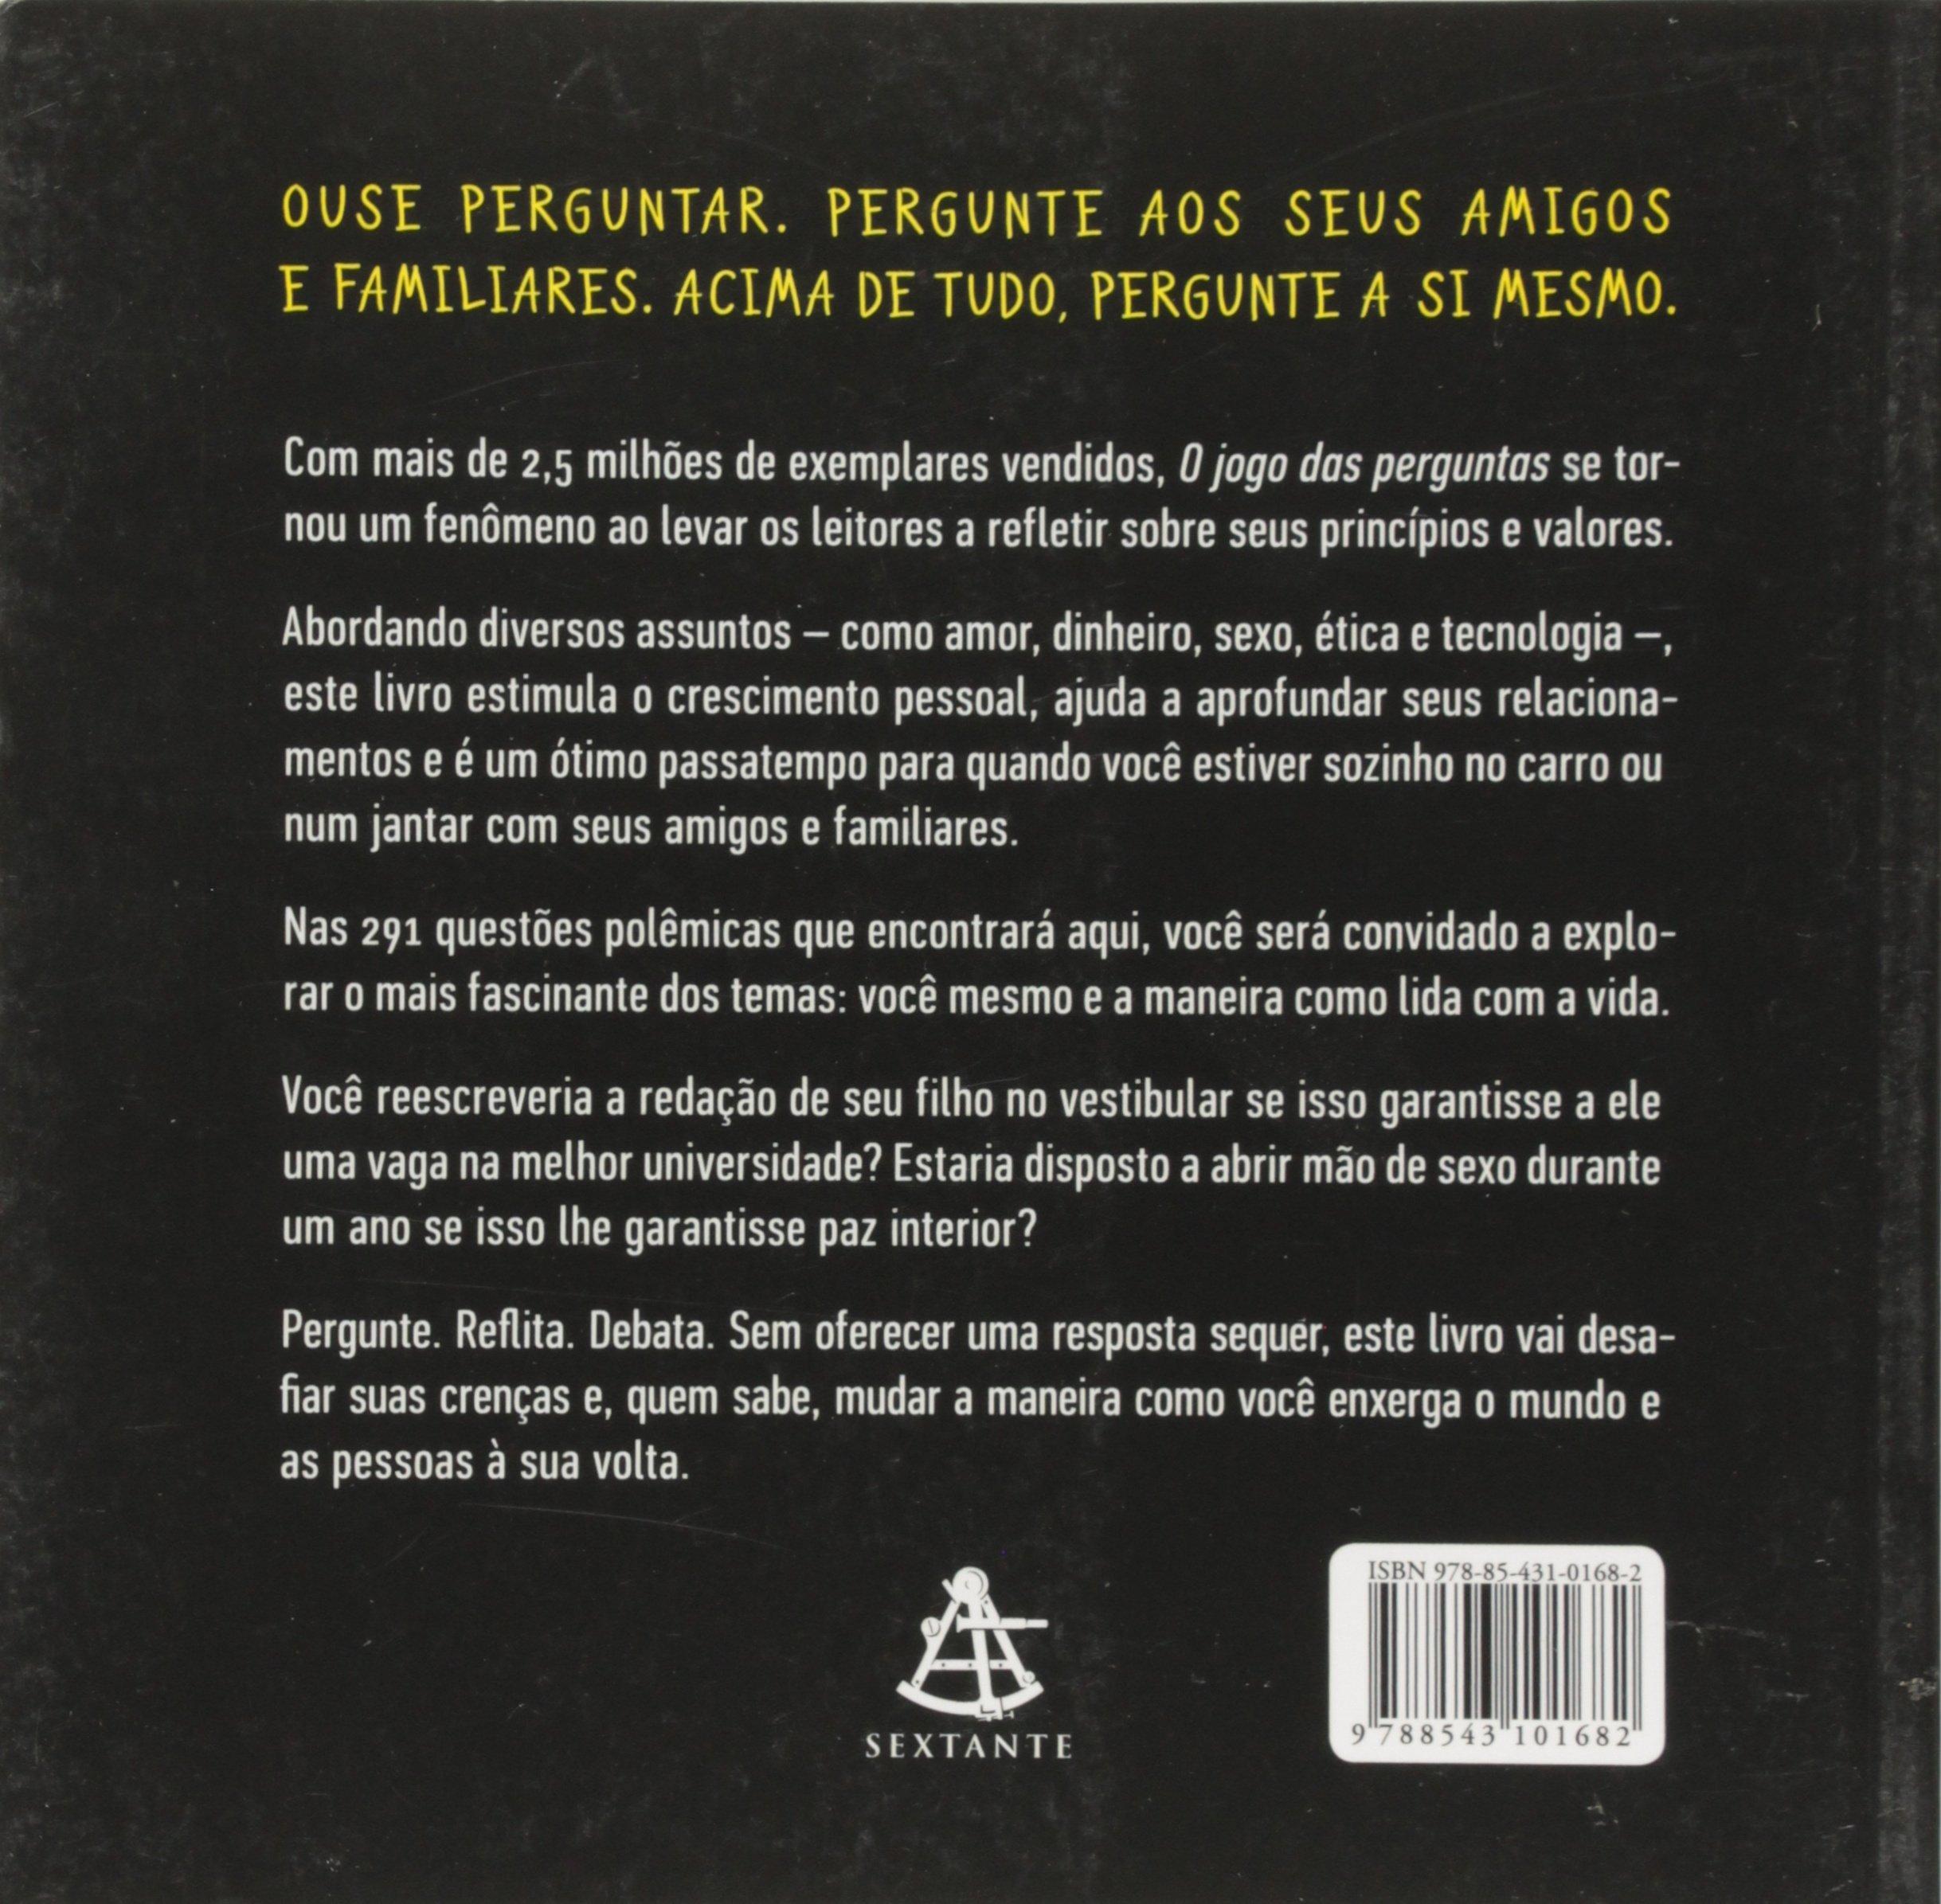 O Jogo Das Perguntas 291 Questoes Instigantes Para Voce Nunca Ficar Sem Assunto Em Portuguese Do Brasil Amazon Co Uk Gregory Stock Ph D 9788543101682 Books